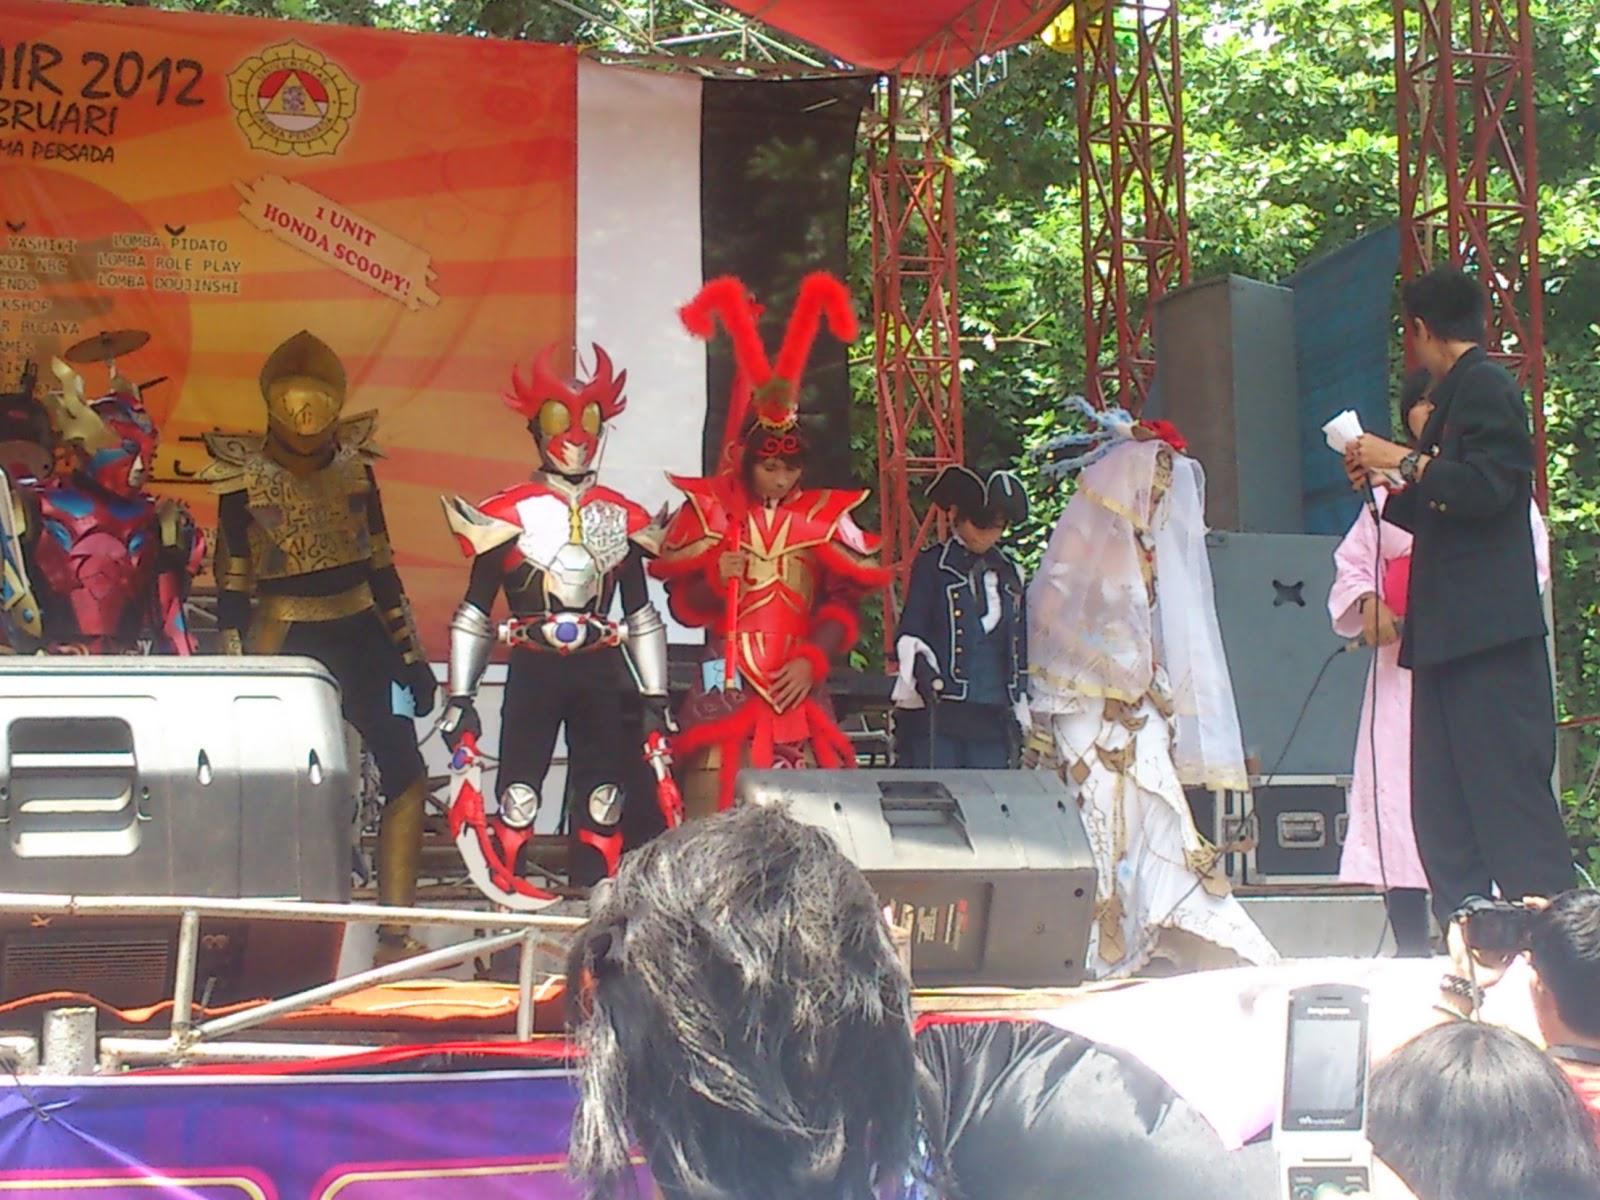 Japan Fair 2012 At Universitas Darma Persada Aditya